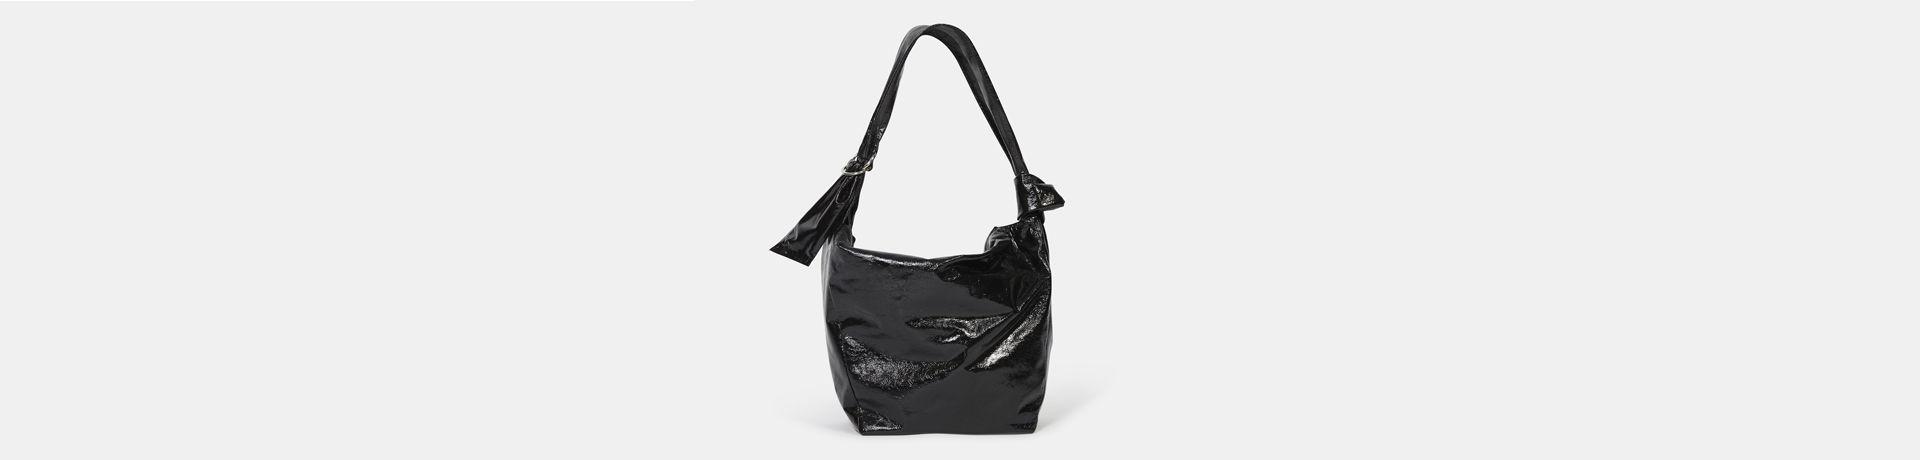 EEWA bag